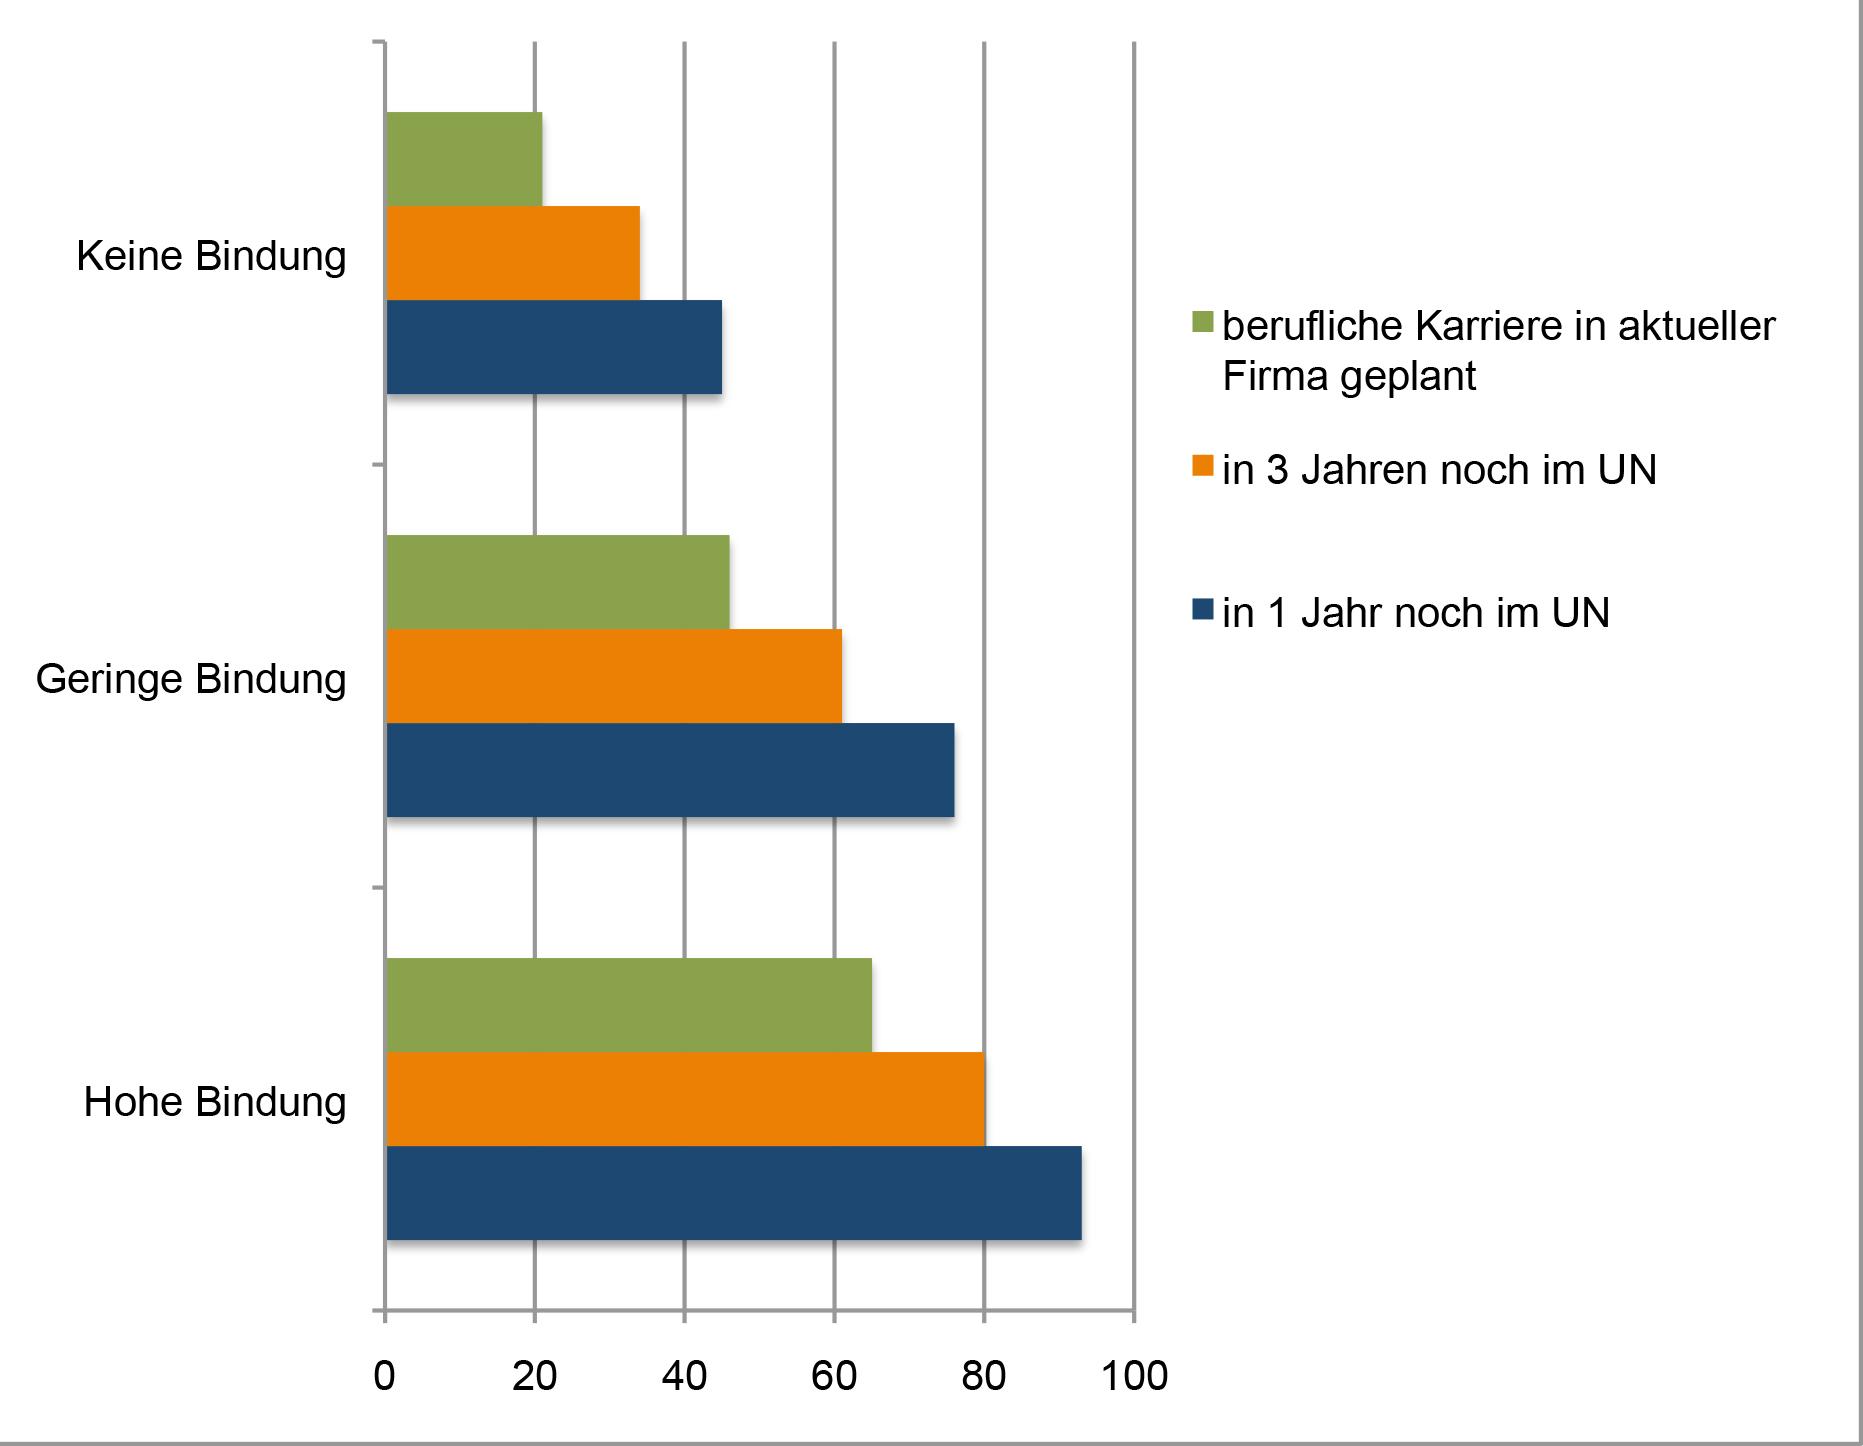 Quelle: http://www.chemanager-online.com/news-opinions/grafiken/mitarbeiterbindung-unternehmen